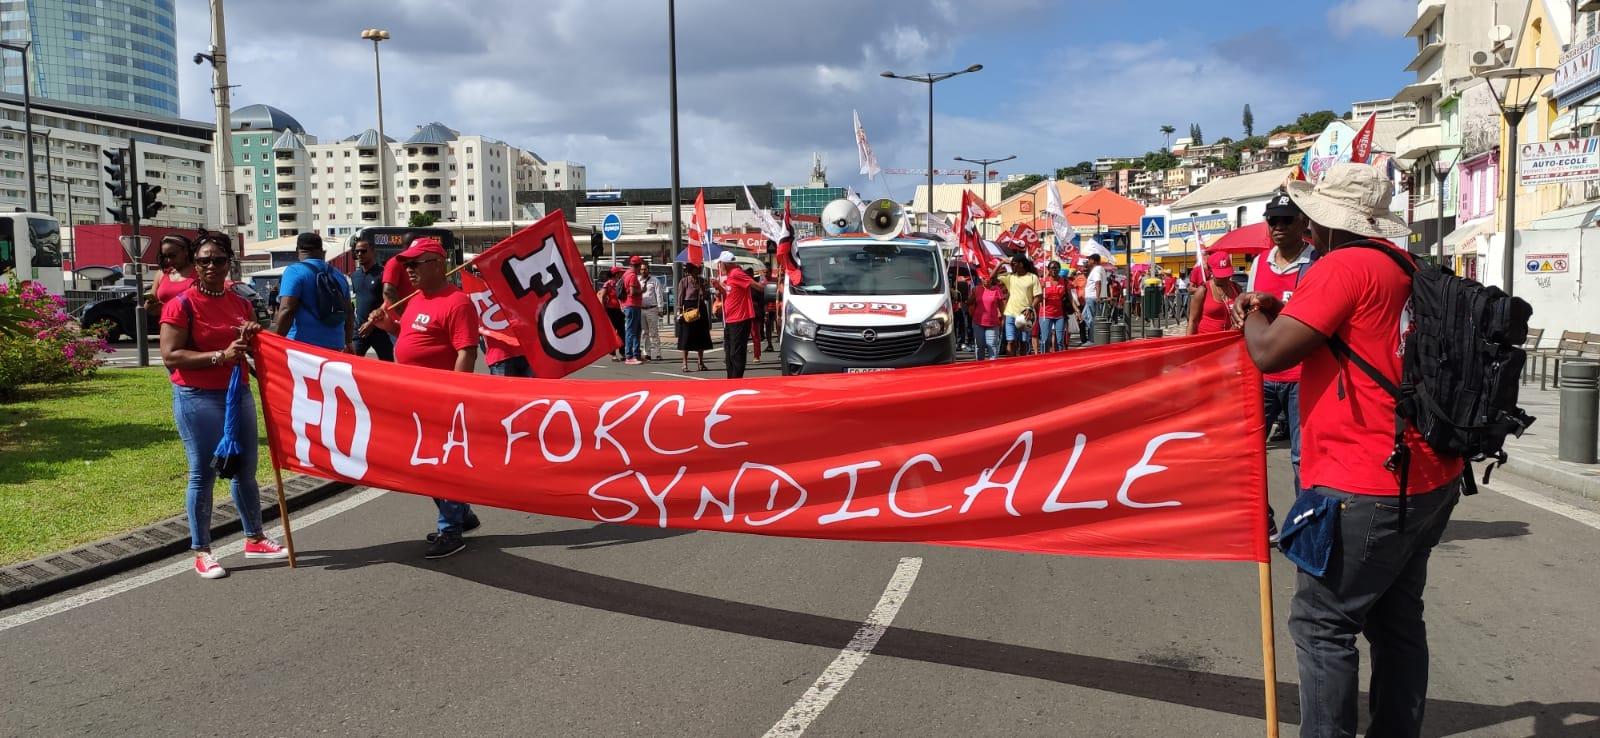 La police dénombre 1700 manifestants à Fort-de-France